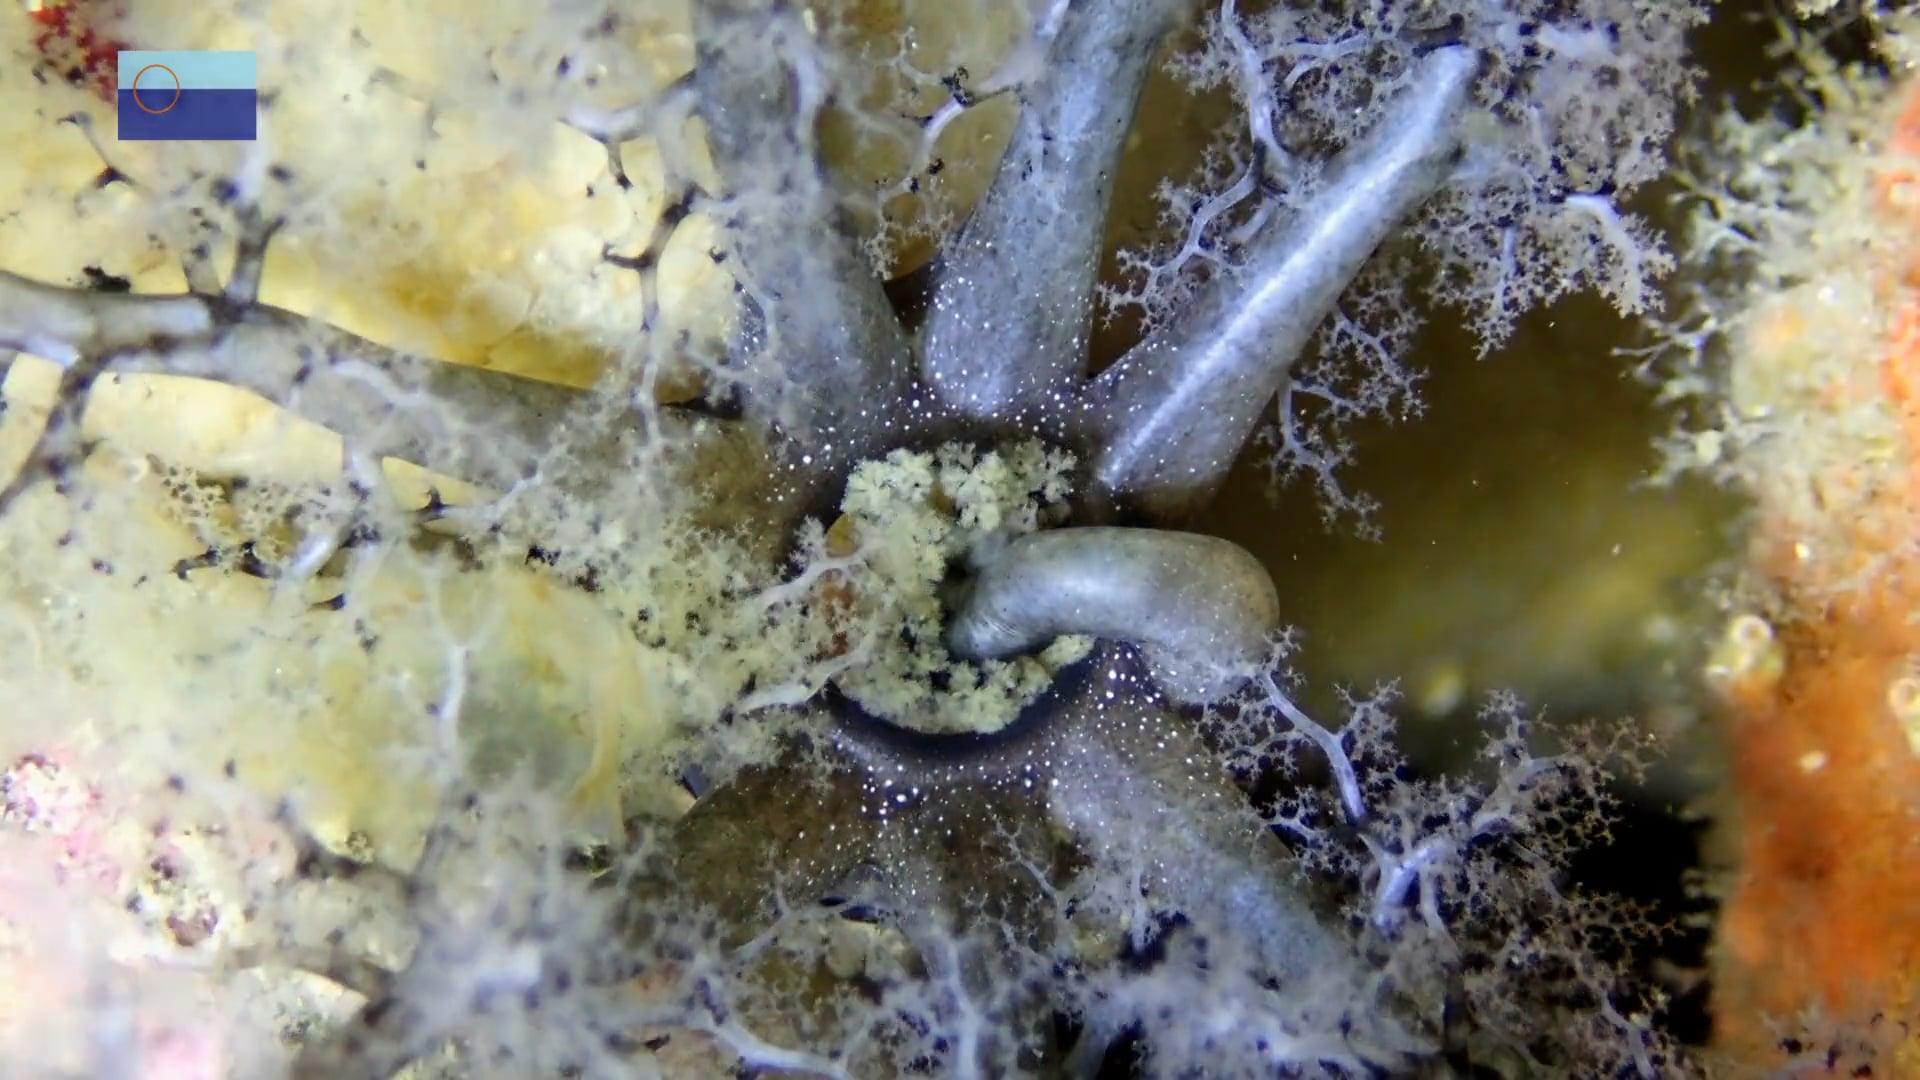 Pepinos con tentáculos, a manos llenas